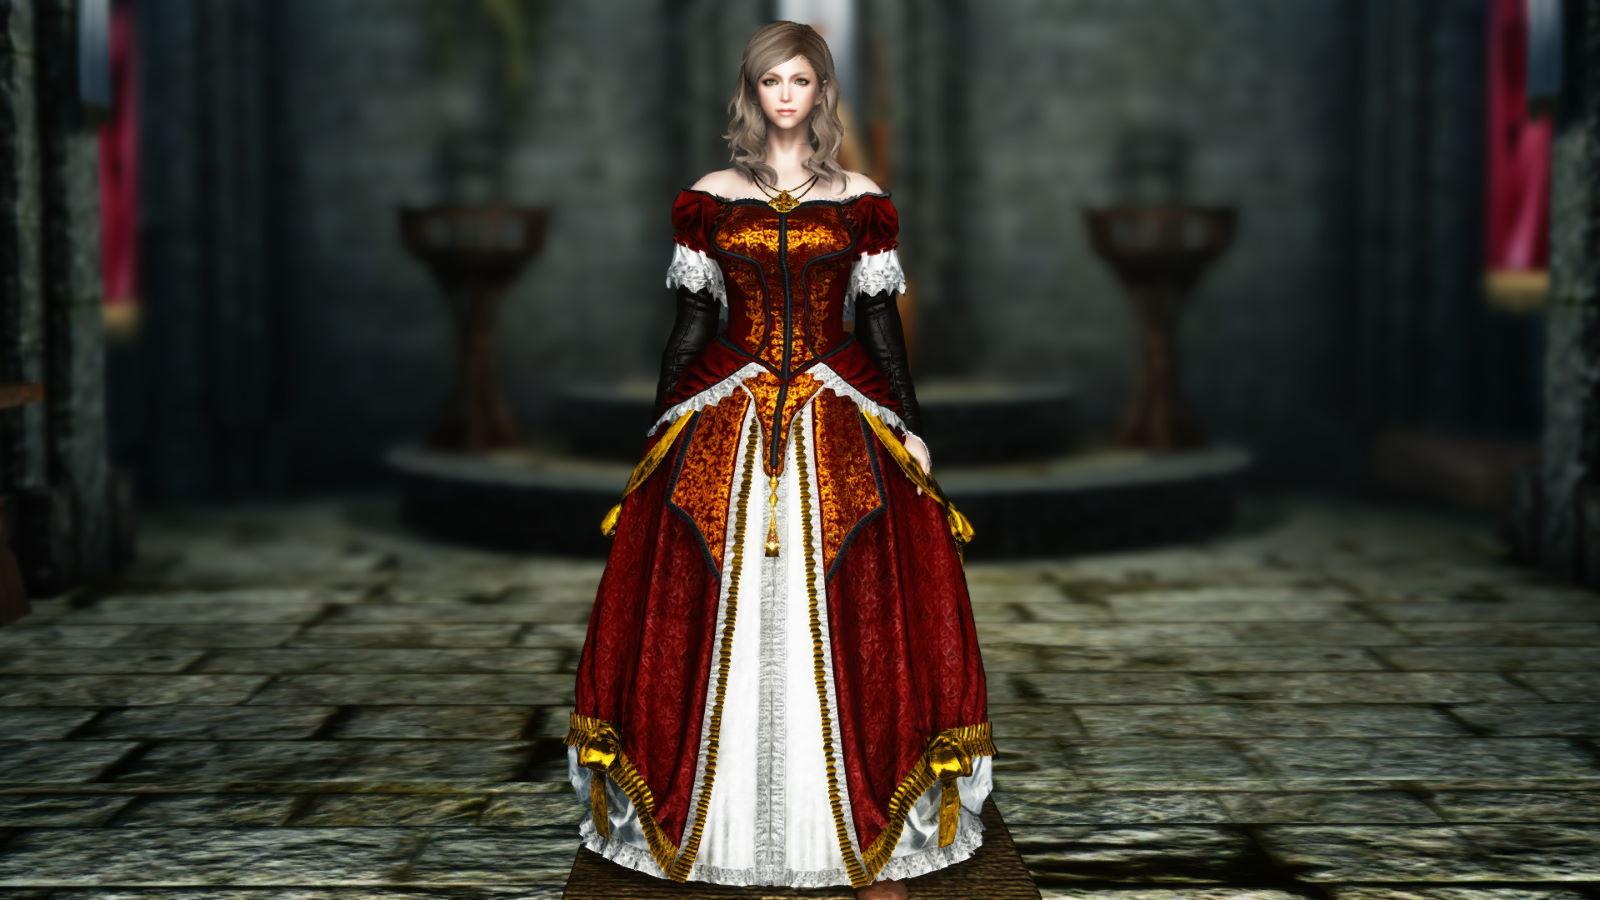 FullInuEliseDressSK 260-1 Pose Dress Red 1